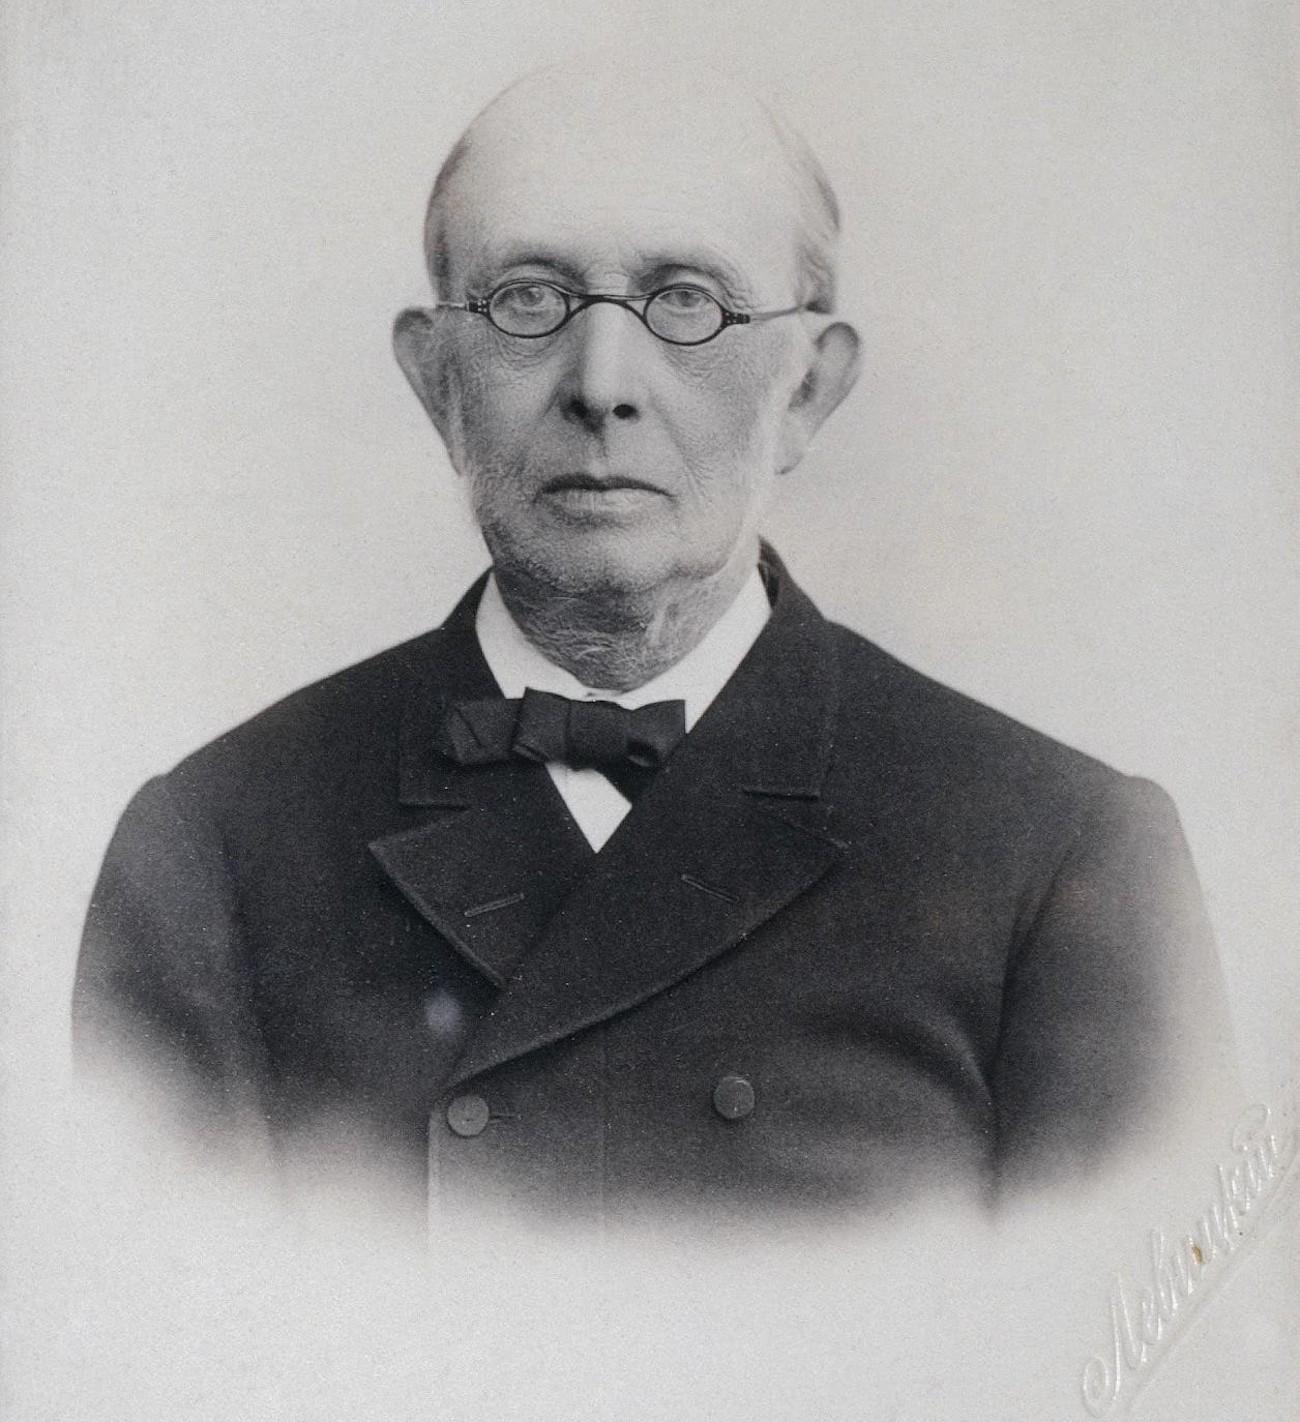 Константин Победоносцев, 1902